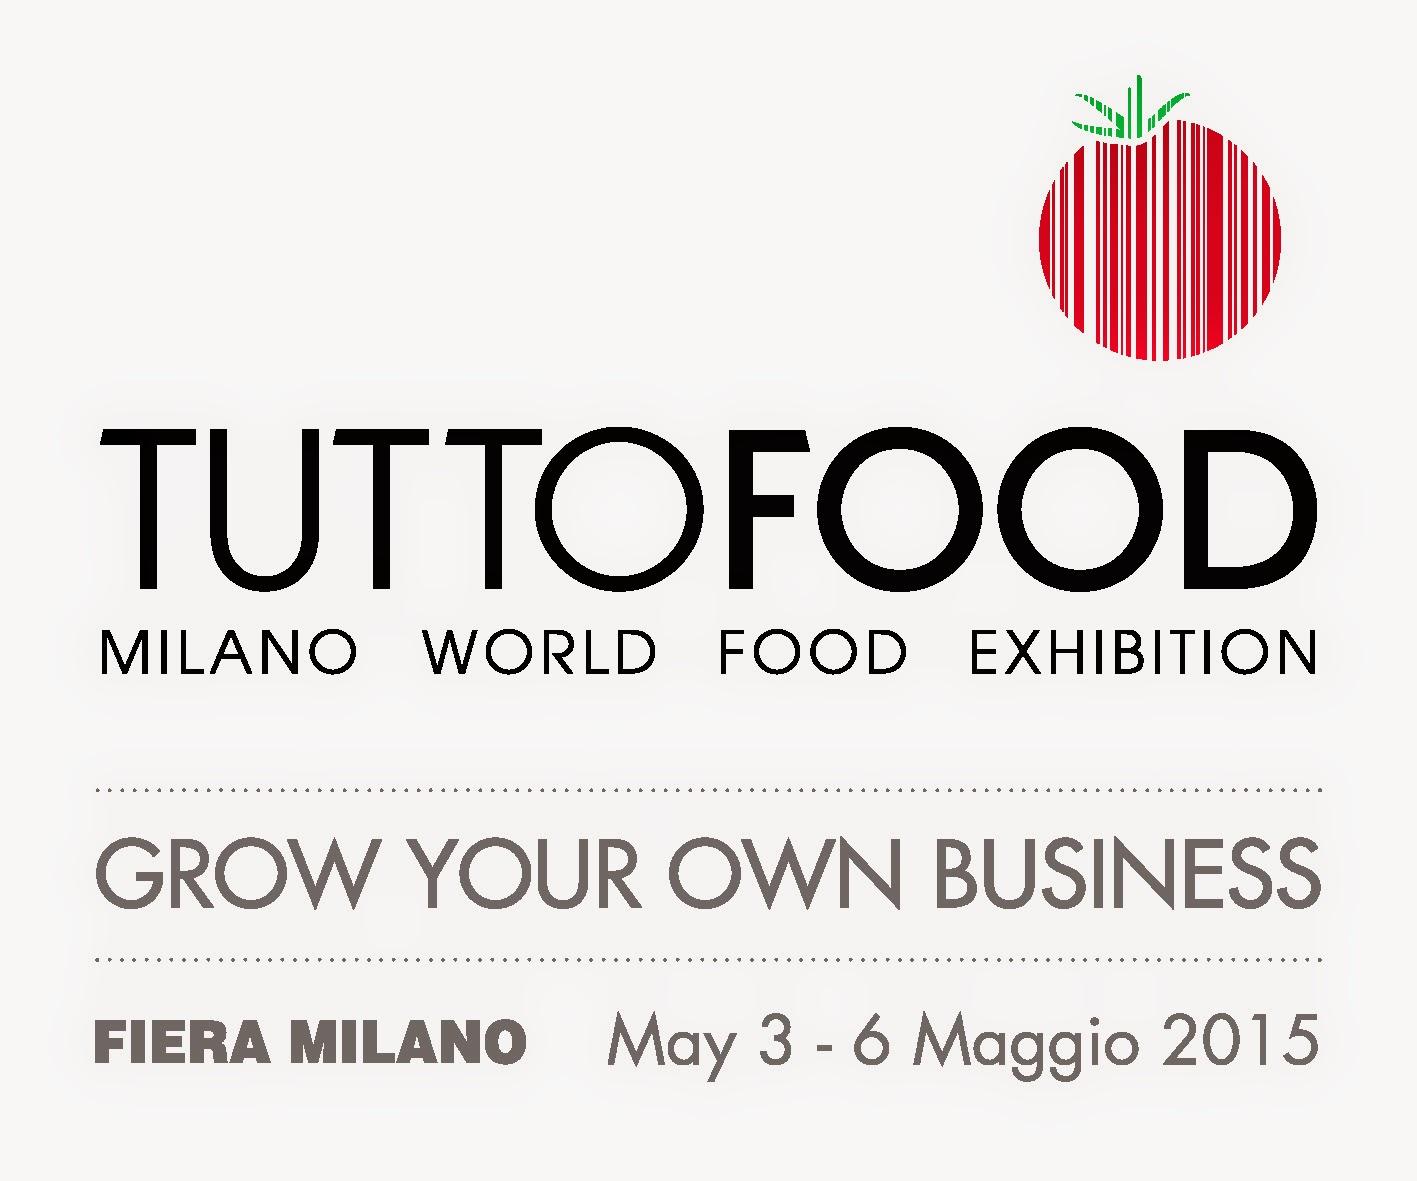 tuttofood - milano world food exhibition. dal 3 al 6 maggio 2015 in fiera milano